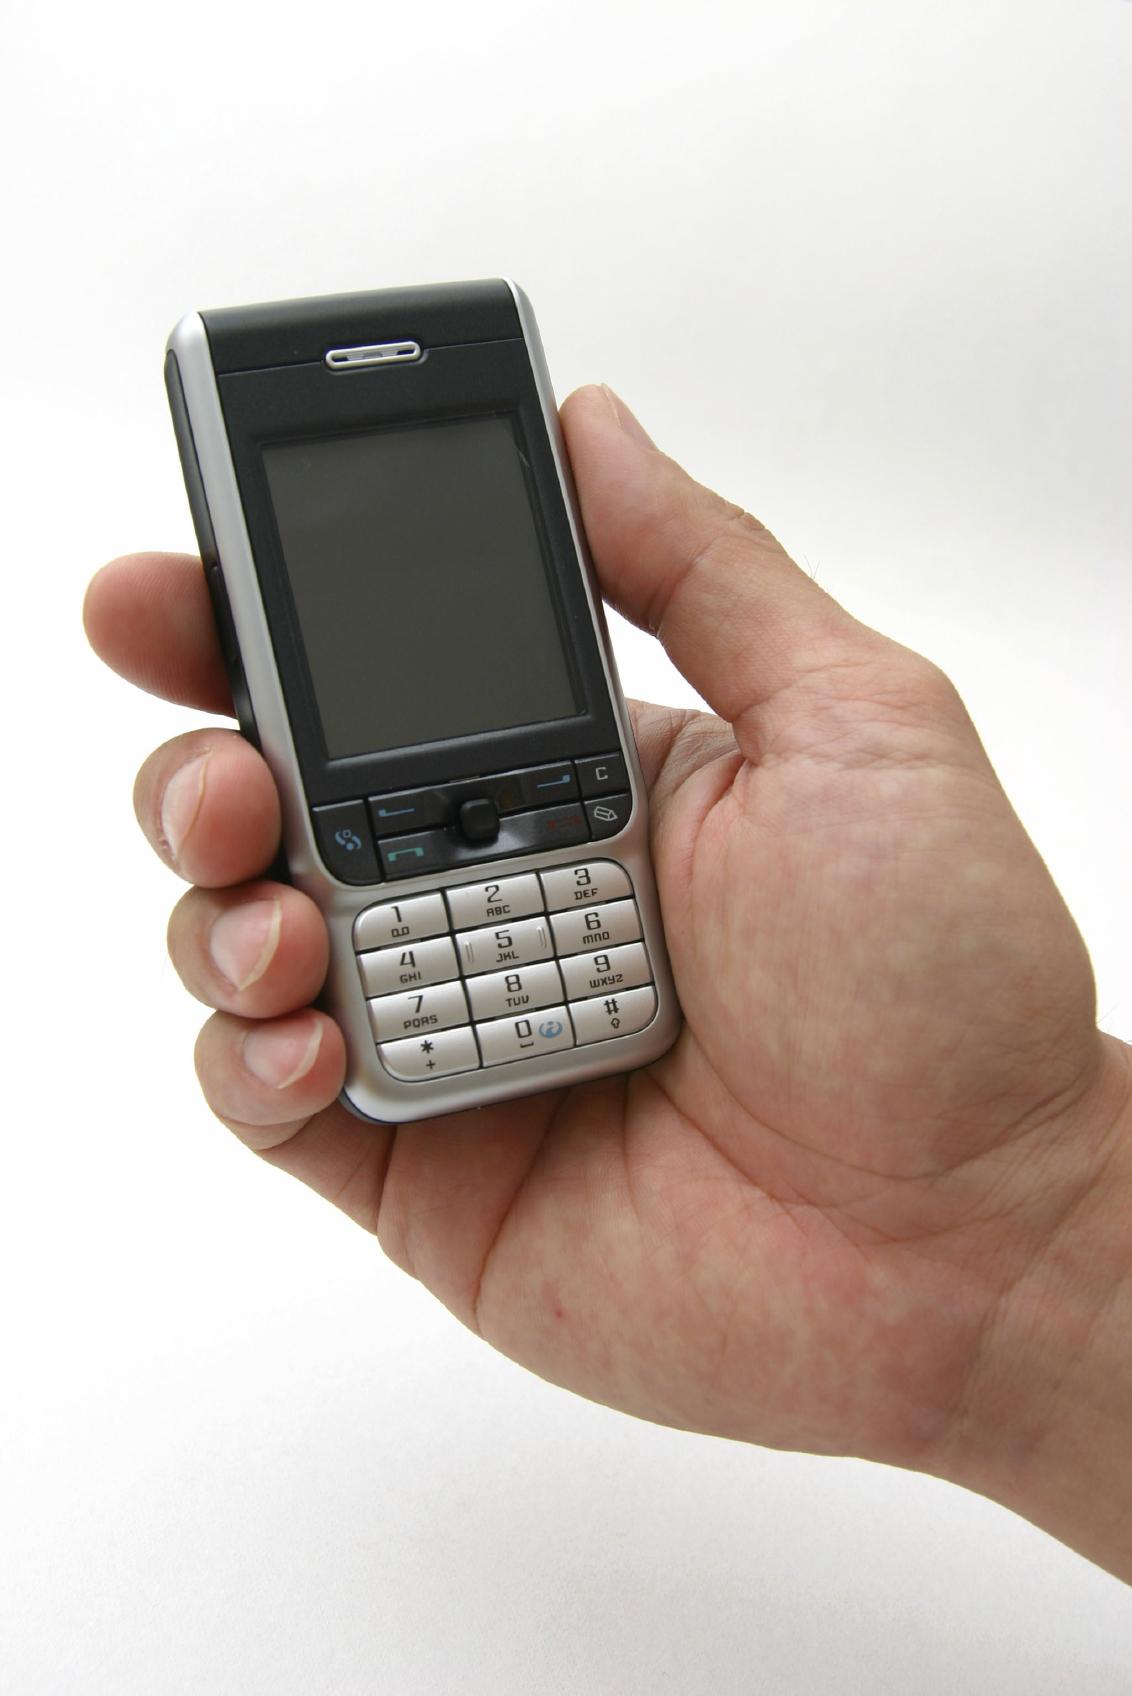 Guvernul renunta la taxa pentru operatorii de telefonie